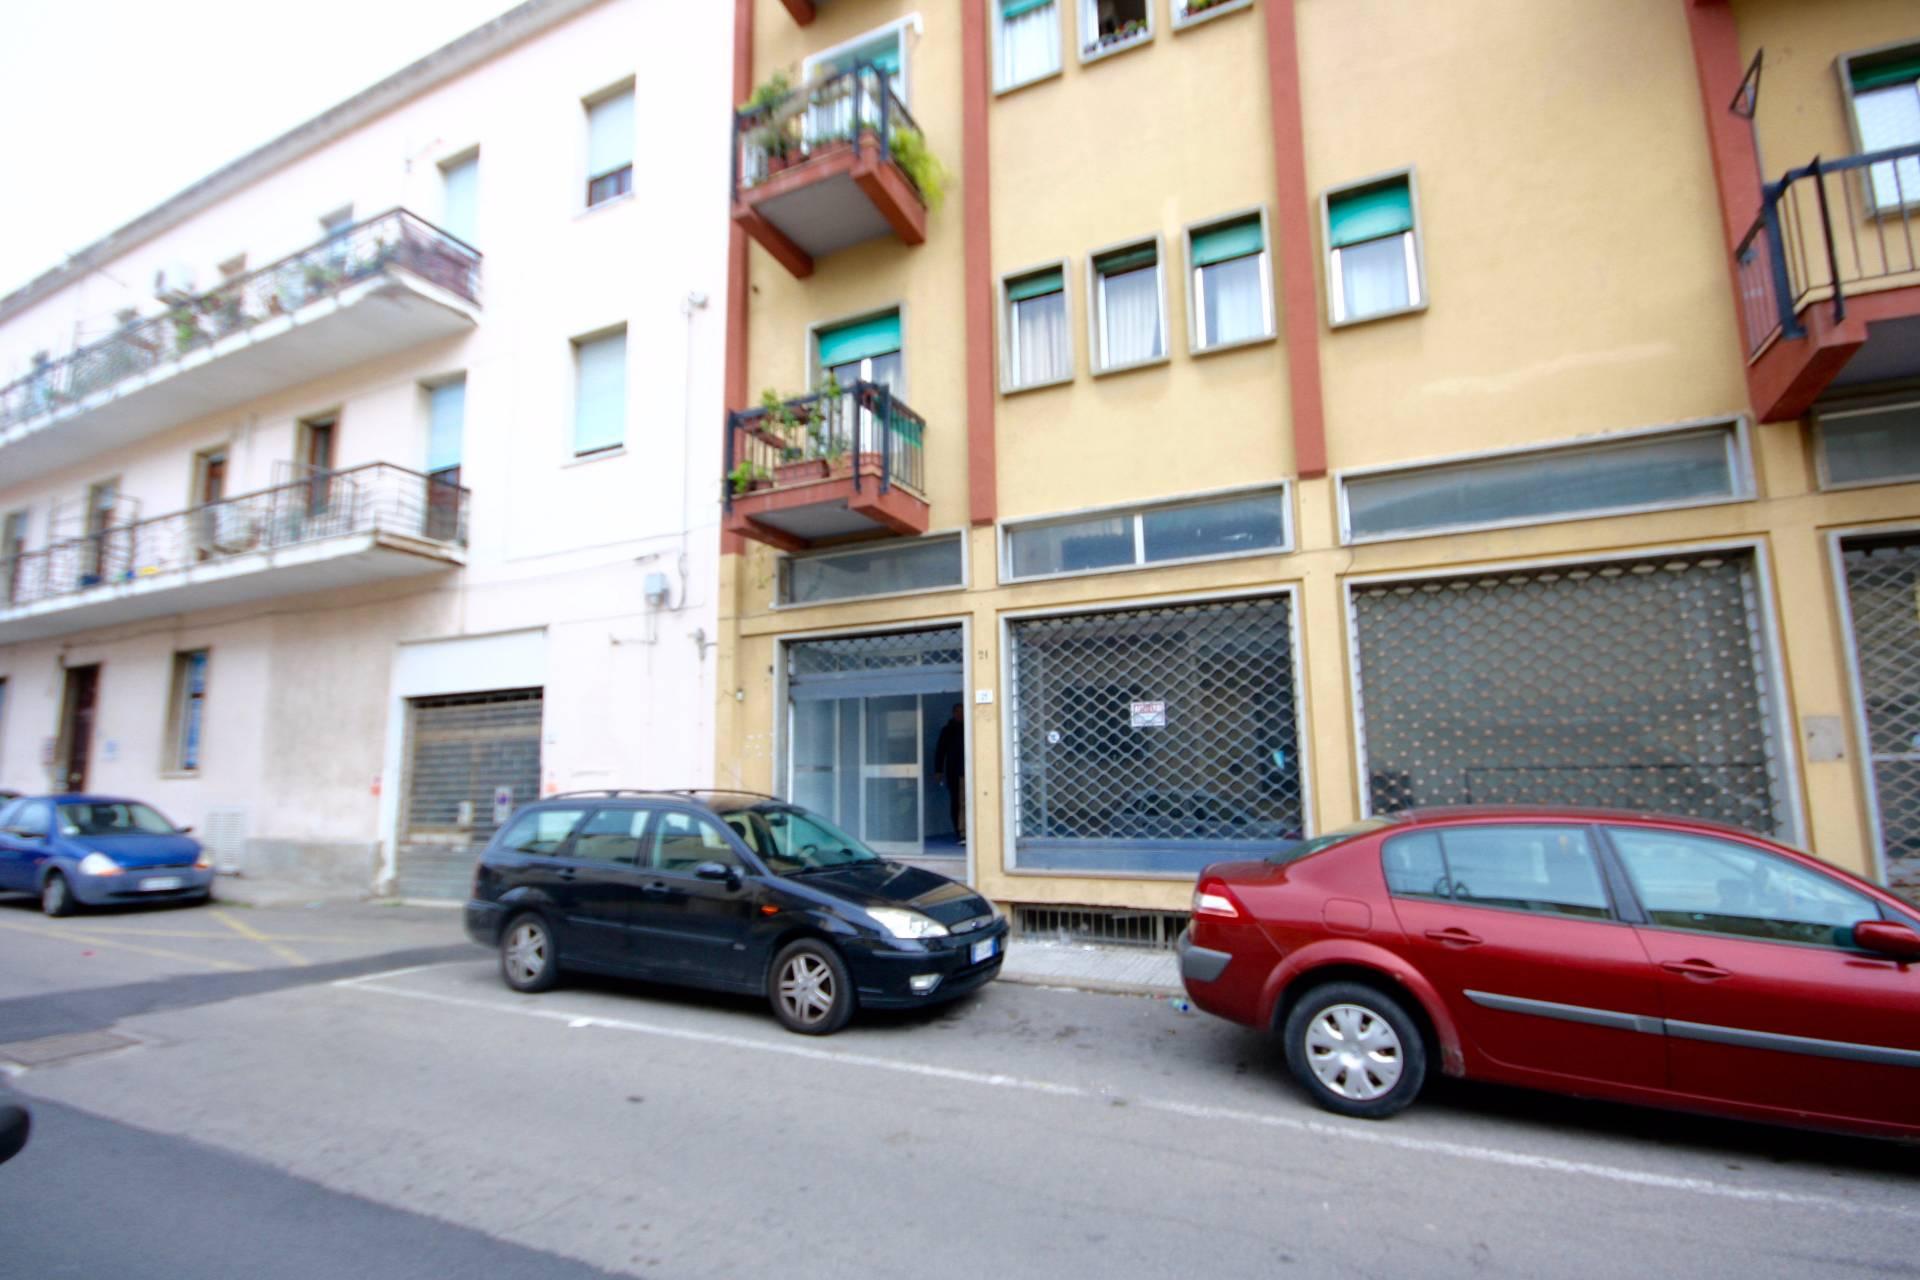 Negozio / Locale in affitto a Olbia - Porto Rotondo, 9999 locali, zona Località: Olbiacittà, prezzo € 1.300 | CambioCasa.it